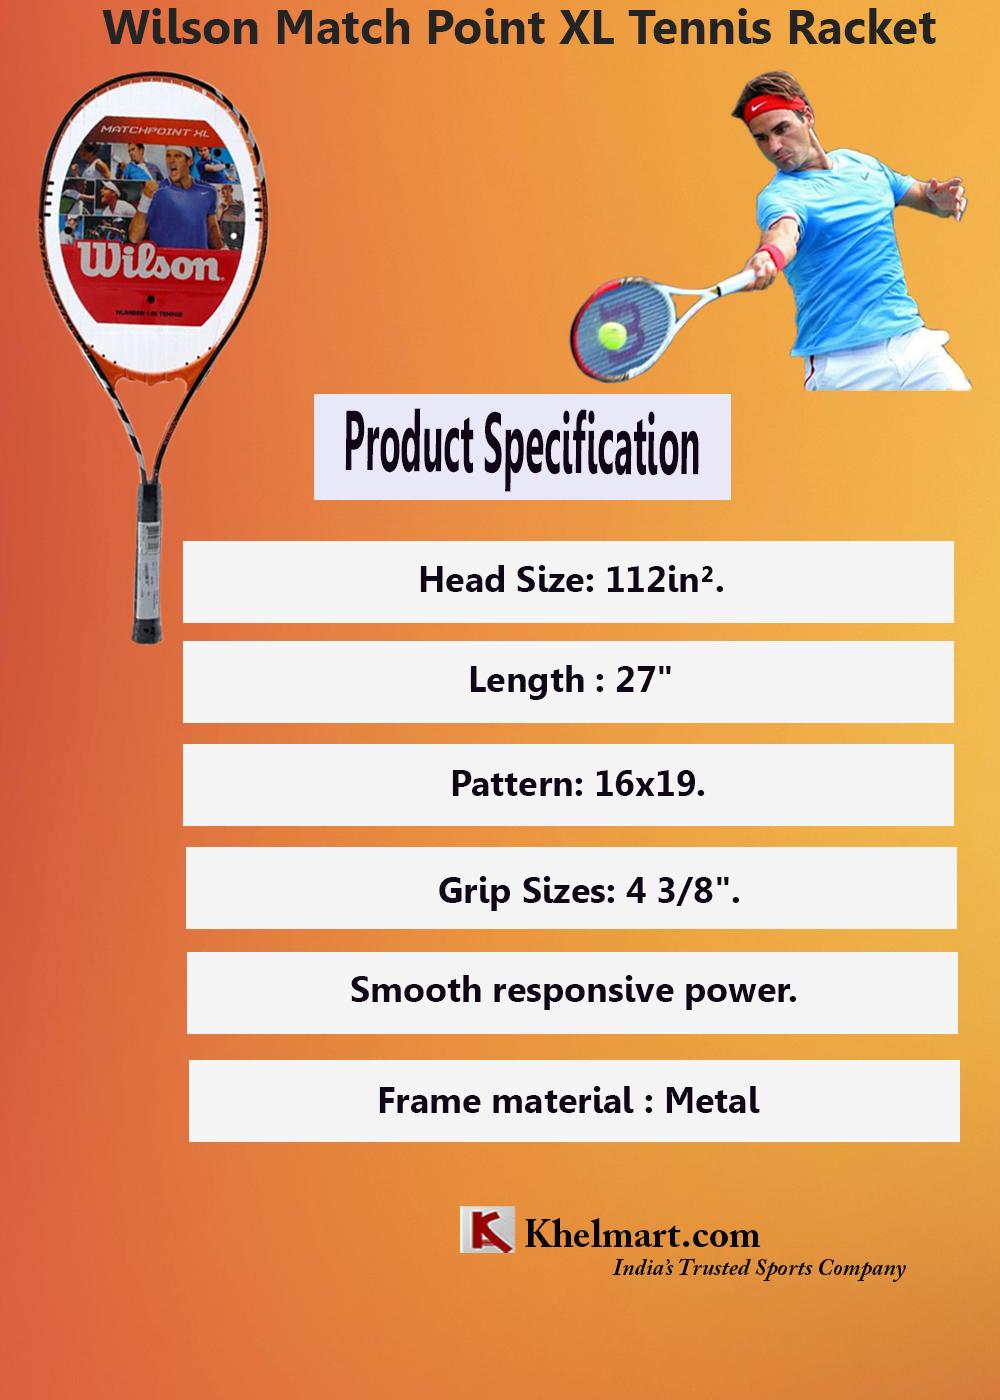 Wilson match point xl tennis racket